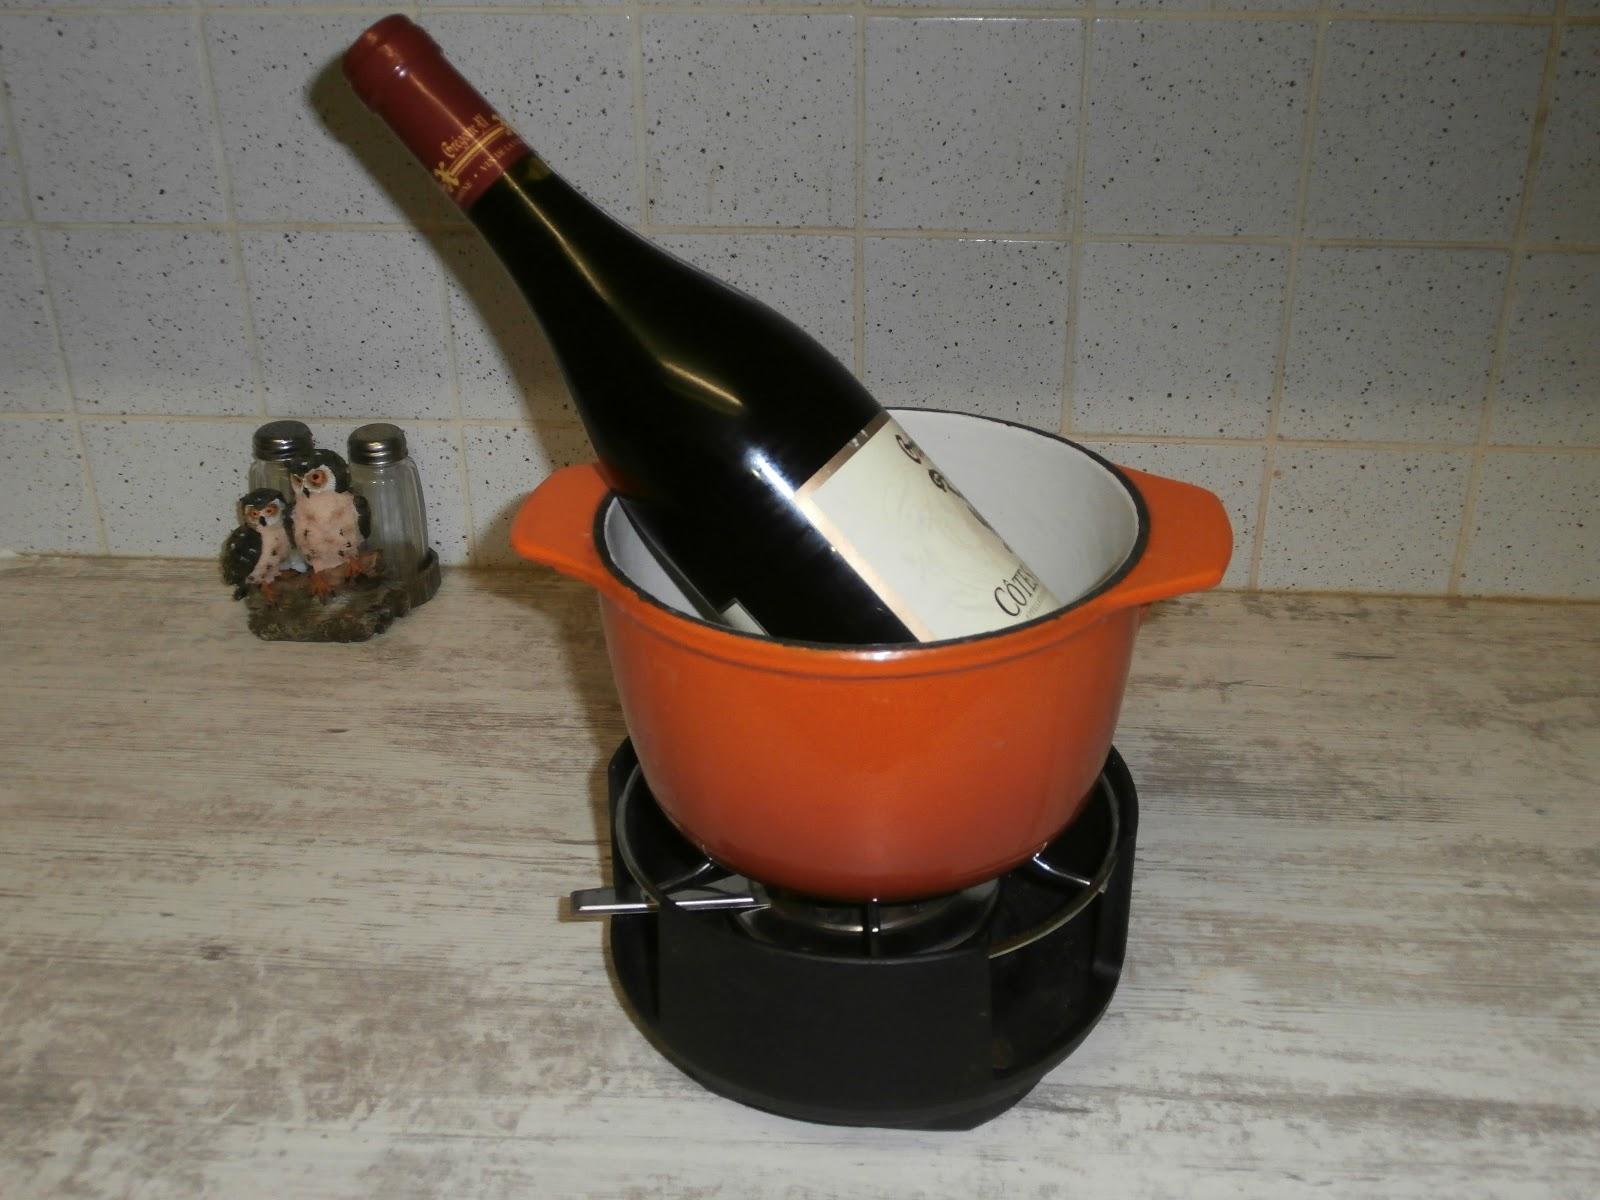 fondue bourguignonne au vin rouge fondue bourguignonne au. Black Bedroom Furniture Sets. Home Design Ideas